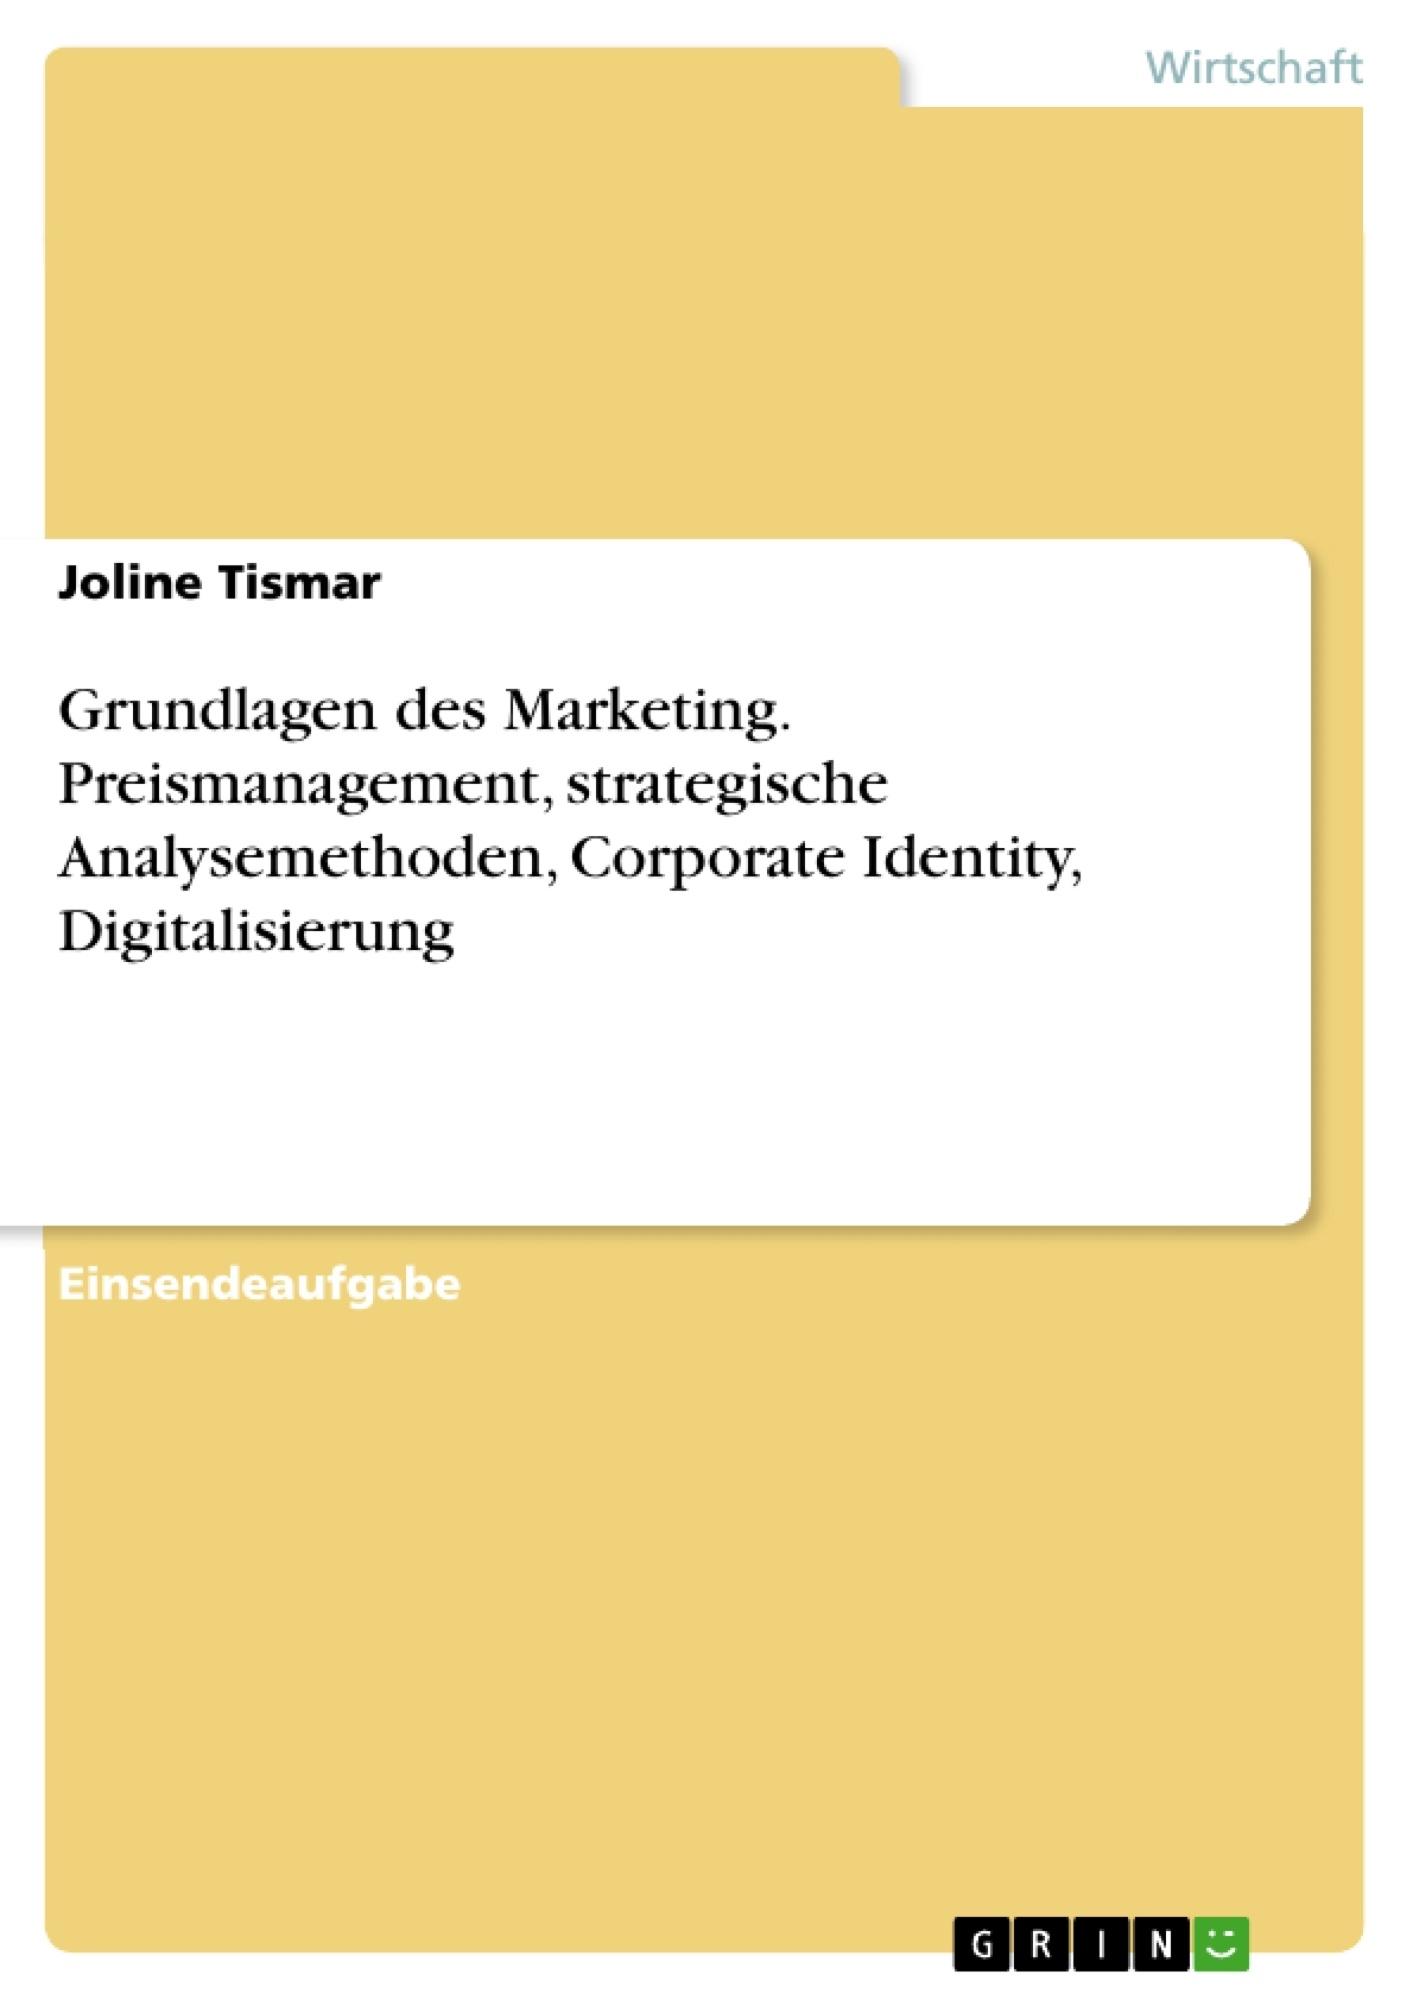 Titel: Grundlagen des Marketing. Preismanagement, strategische Analysemethoden, Corporate Identity, Digitalisierung